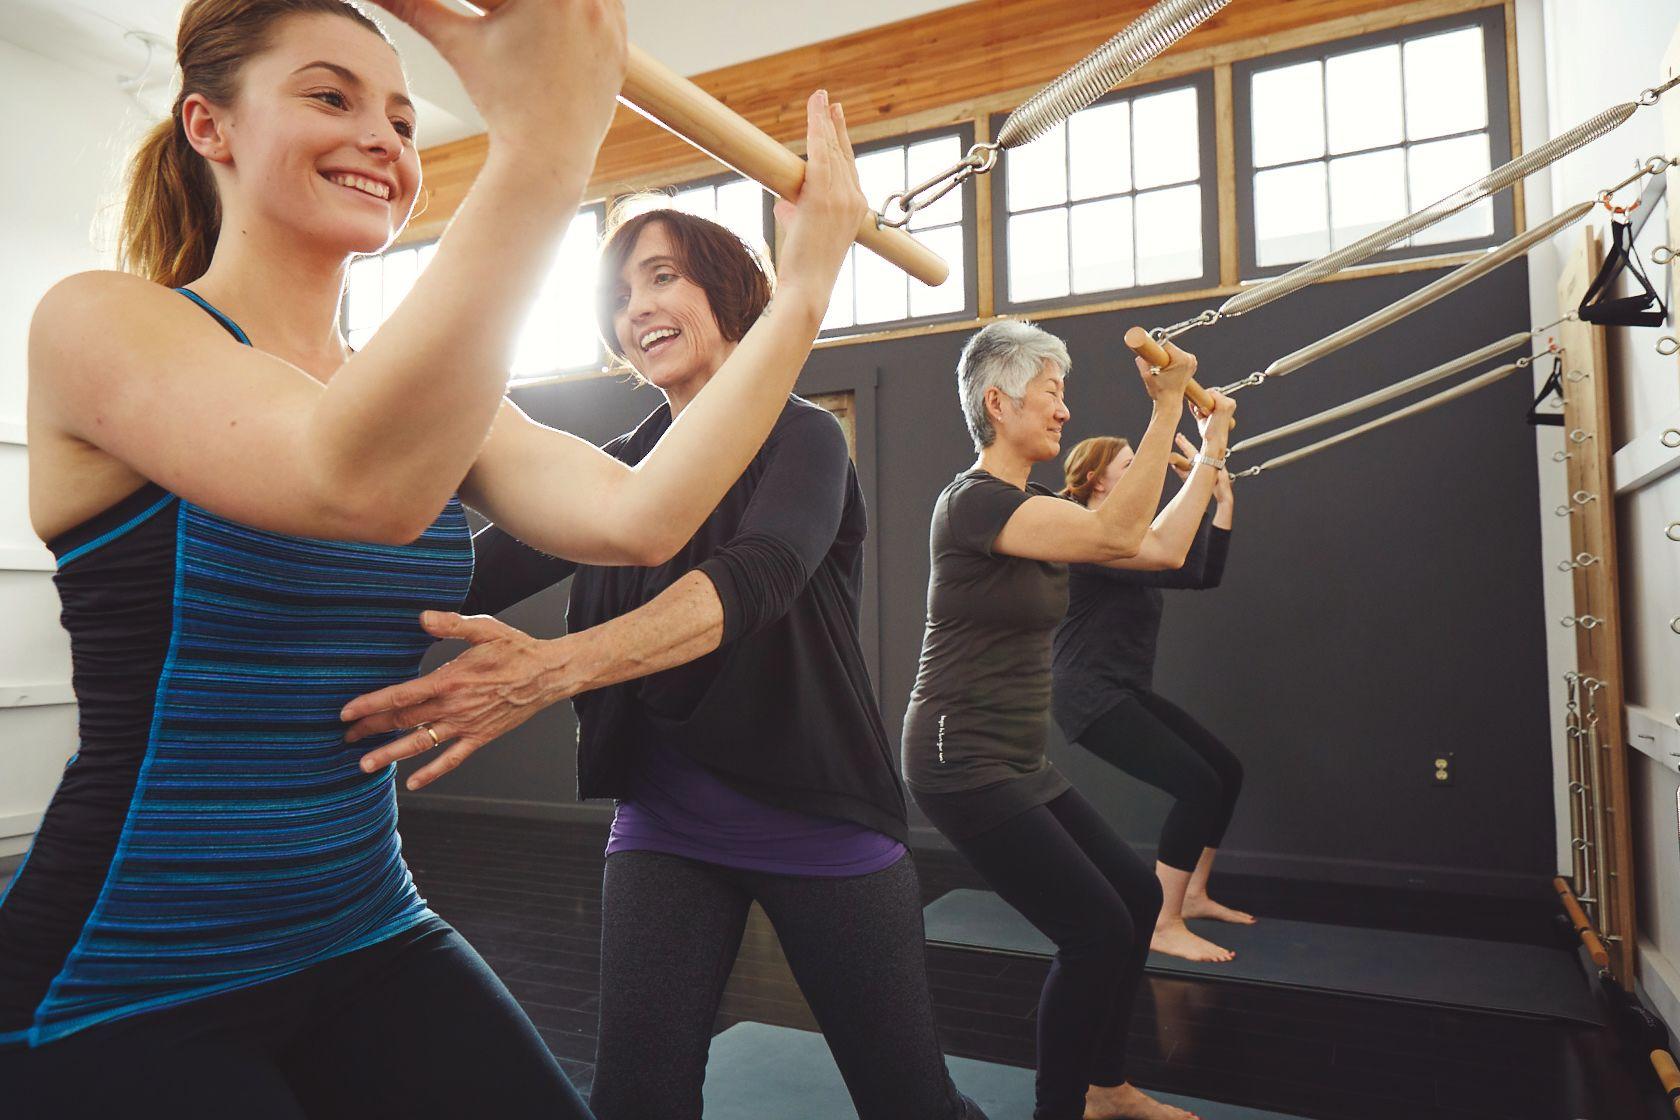 Pmha 16 fitness begin pilates rjopl9